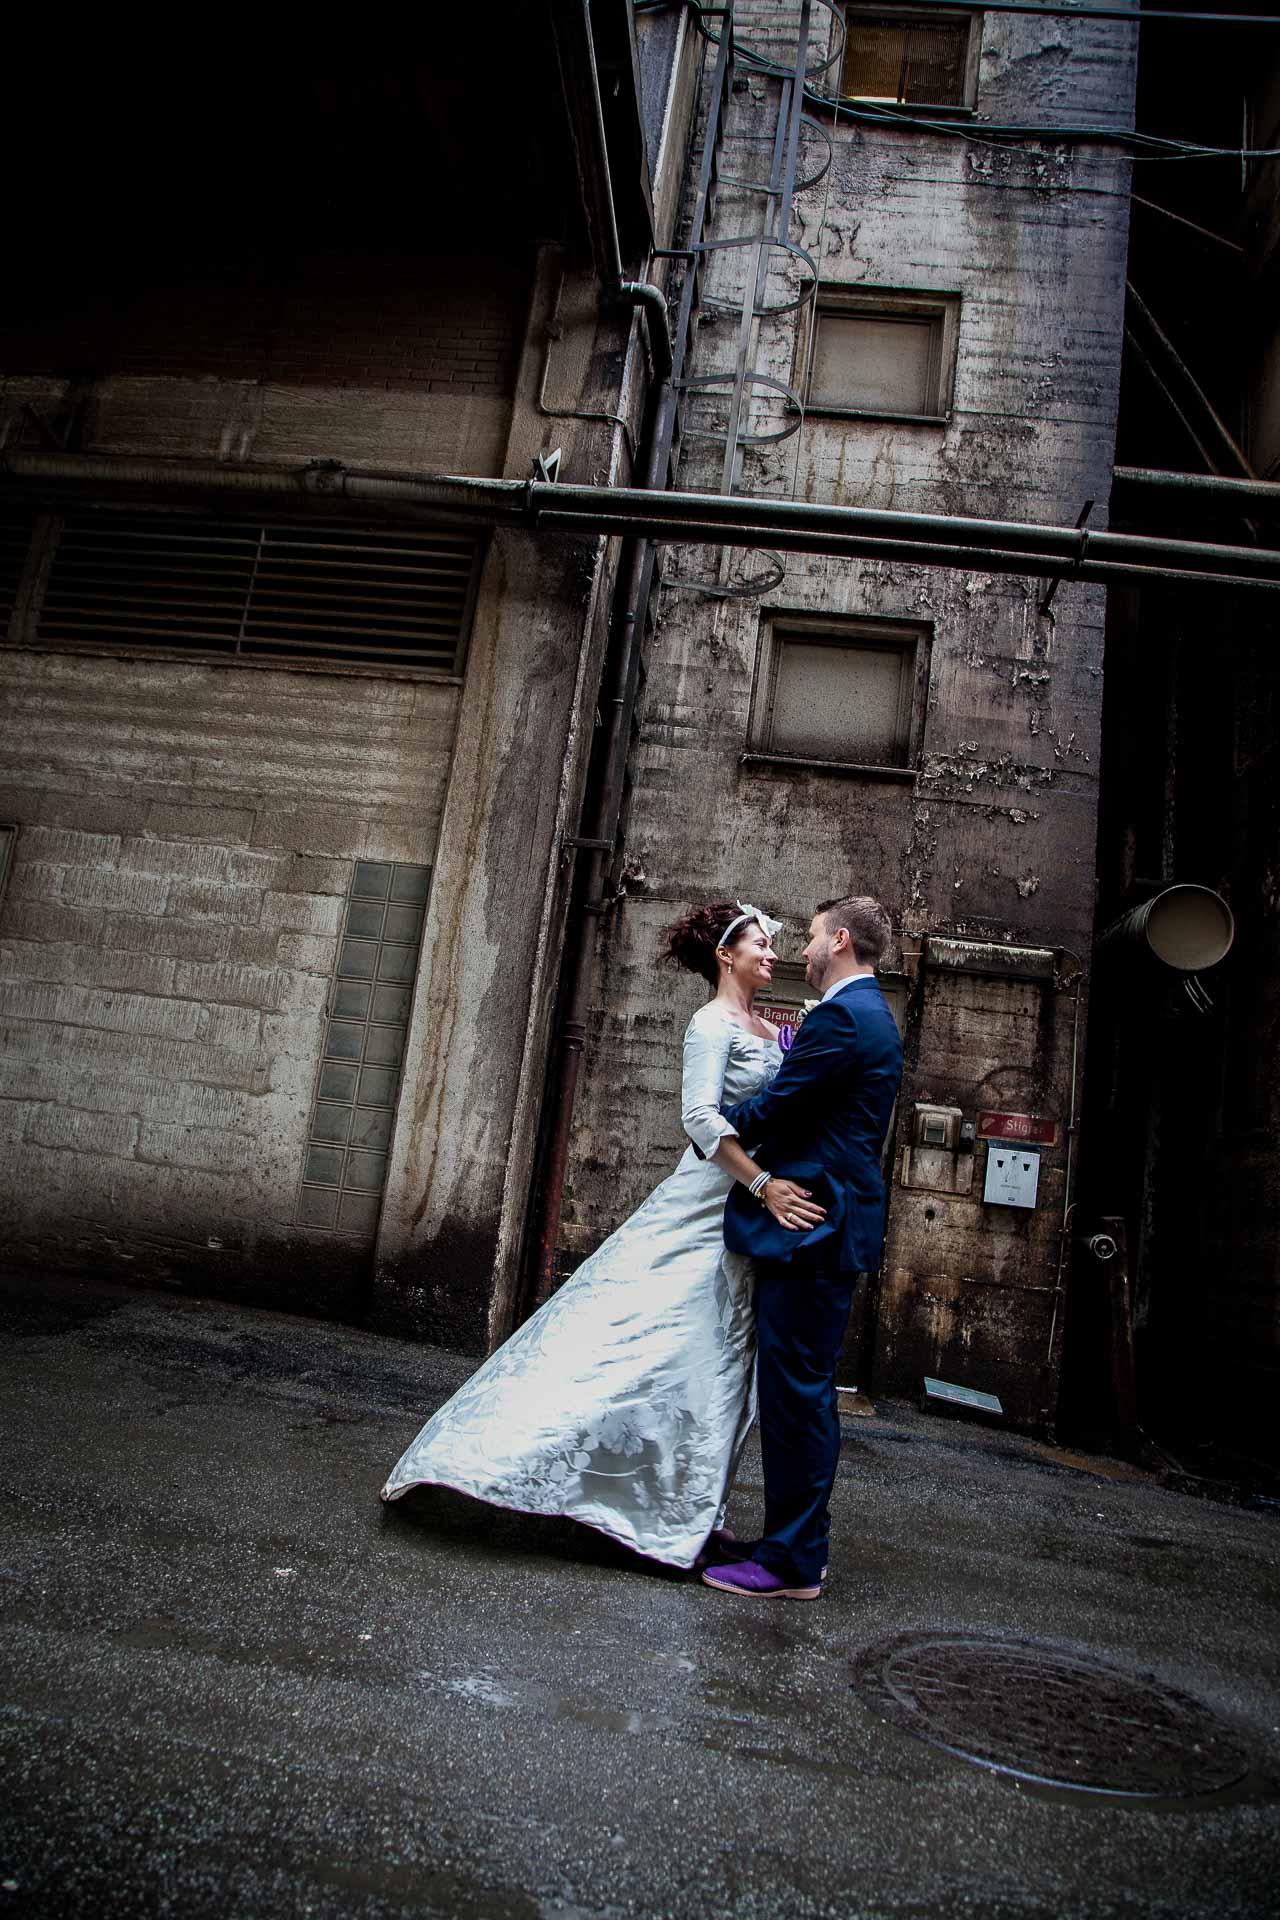 Bryllup på Ditlevsdal. Ønsker I helt unikke rammer til jeres store dag, så er Ditlevsdal Bisonfarm